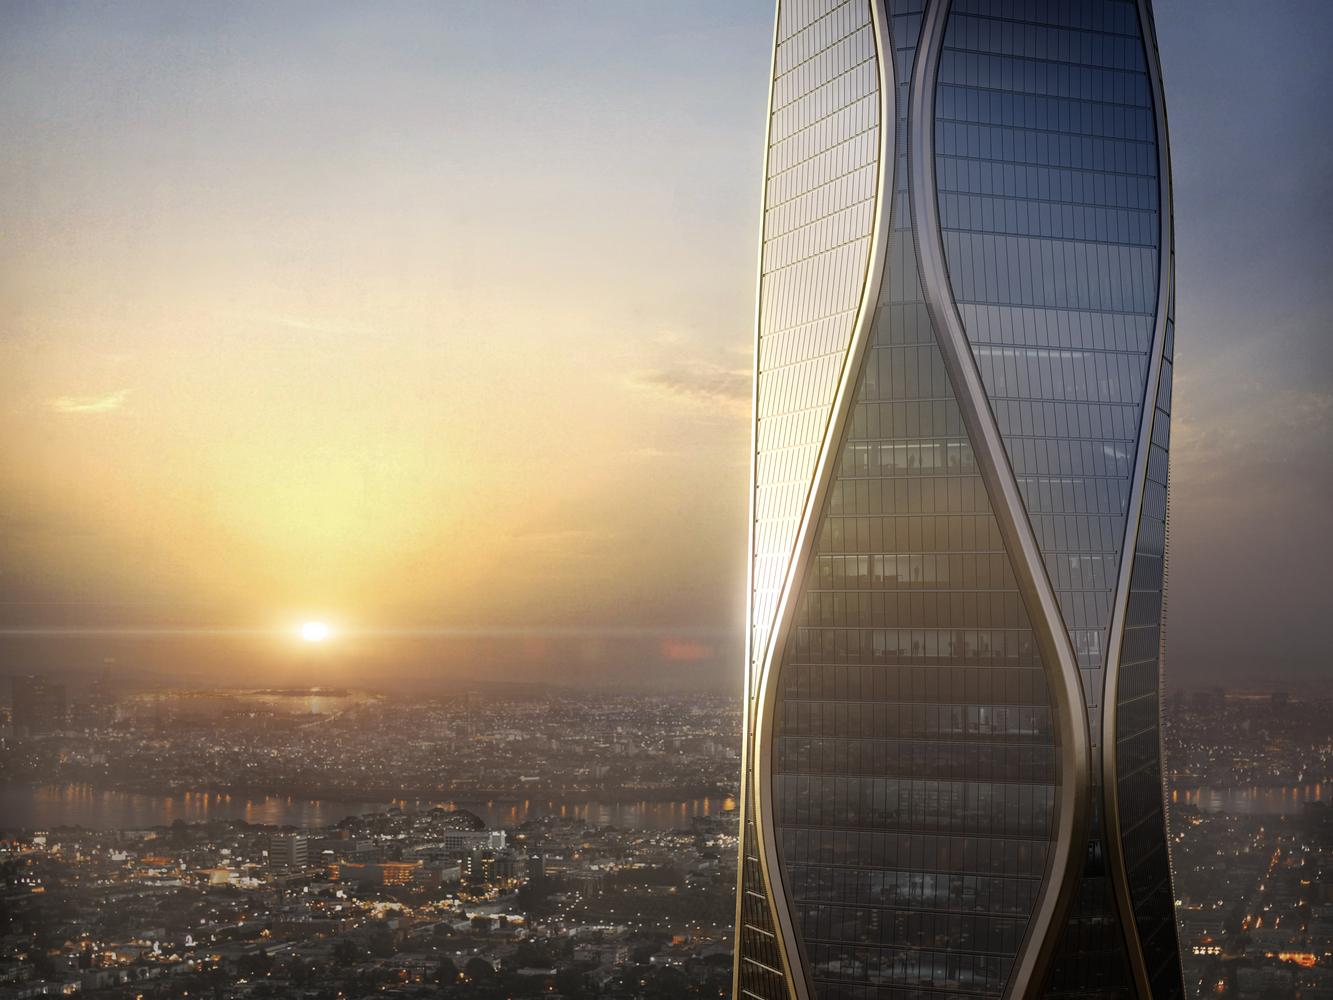 SOM révèle les images de sa future tour multi-usage d'Hangzhou en Chine